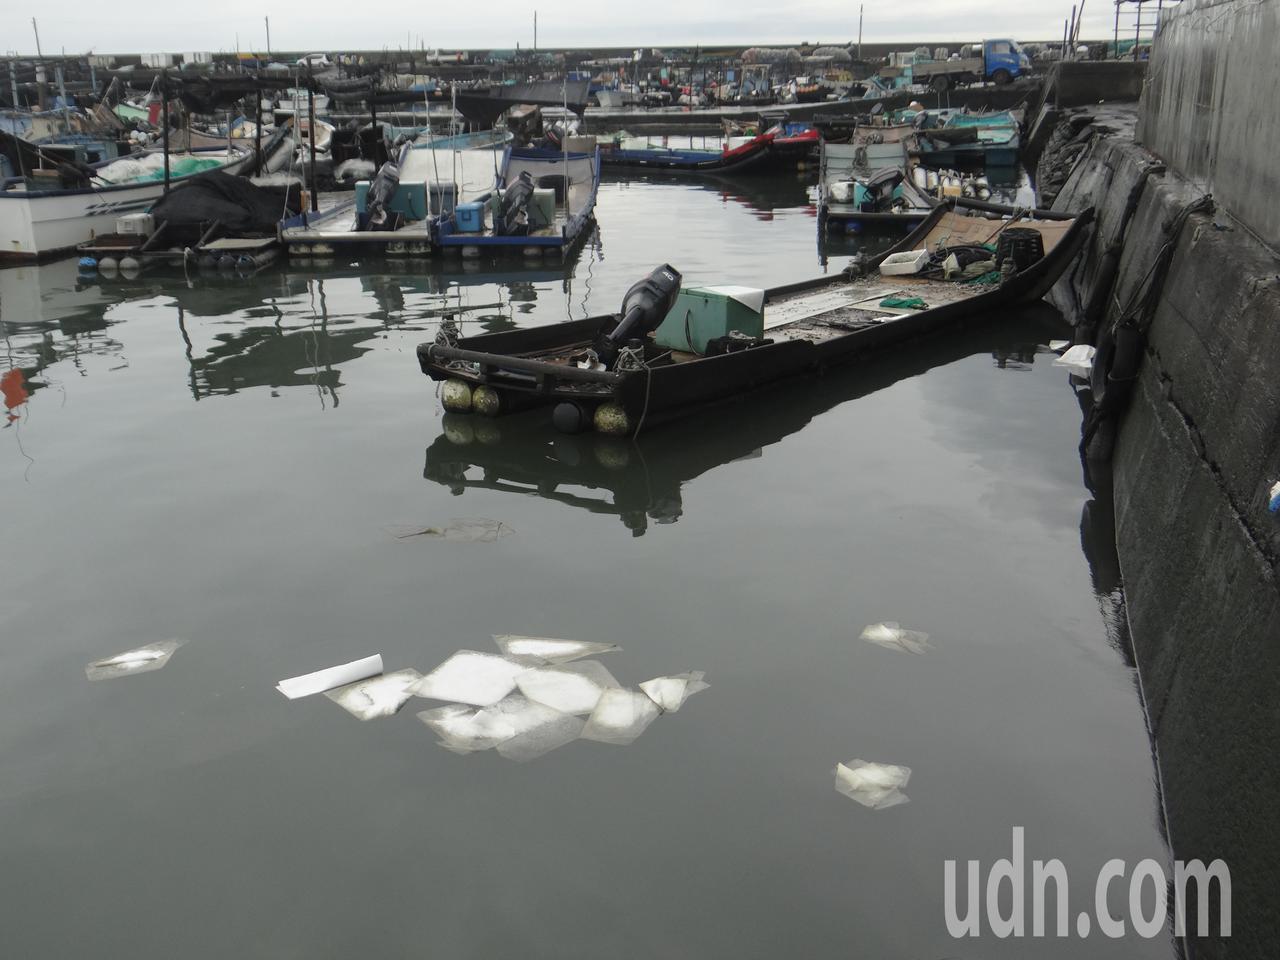 港域到處拋有吸油棉進行清汙。記者蔡維斌/攝影